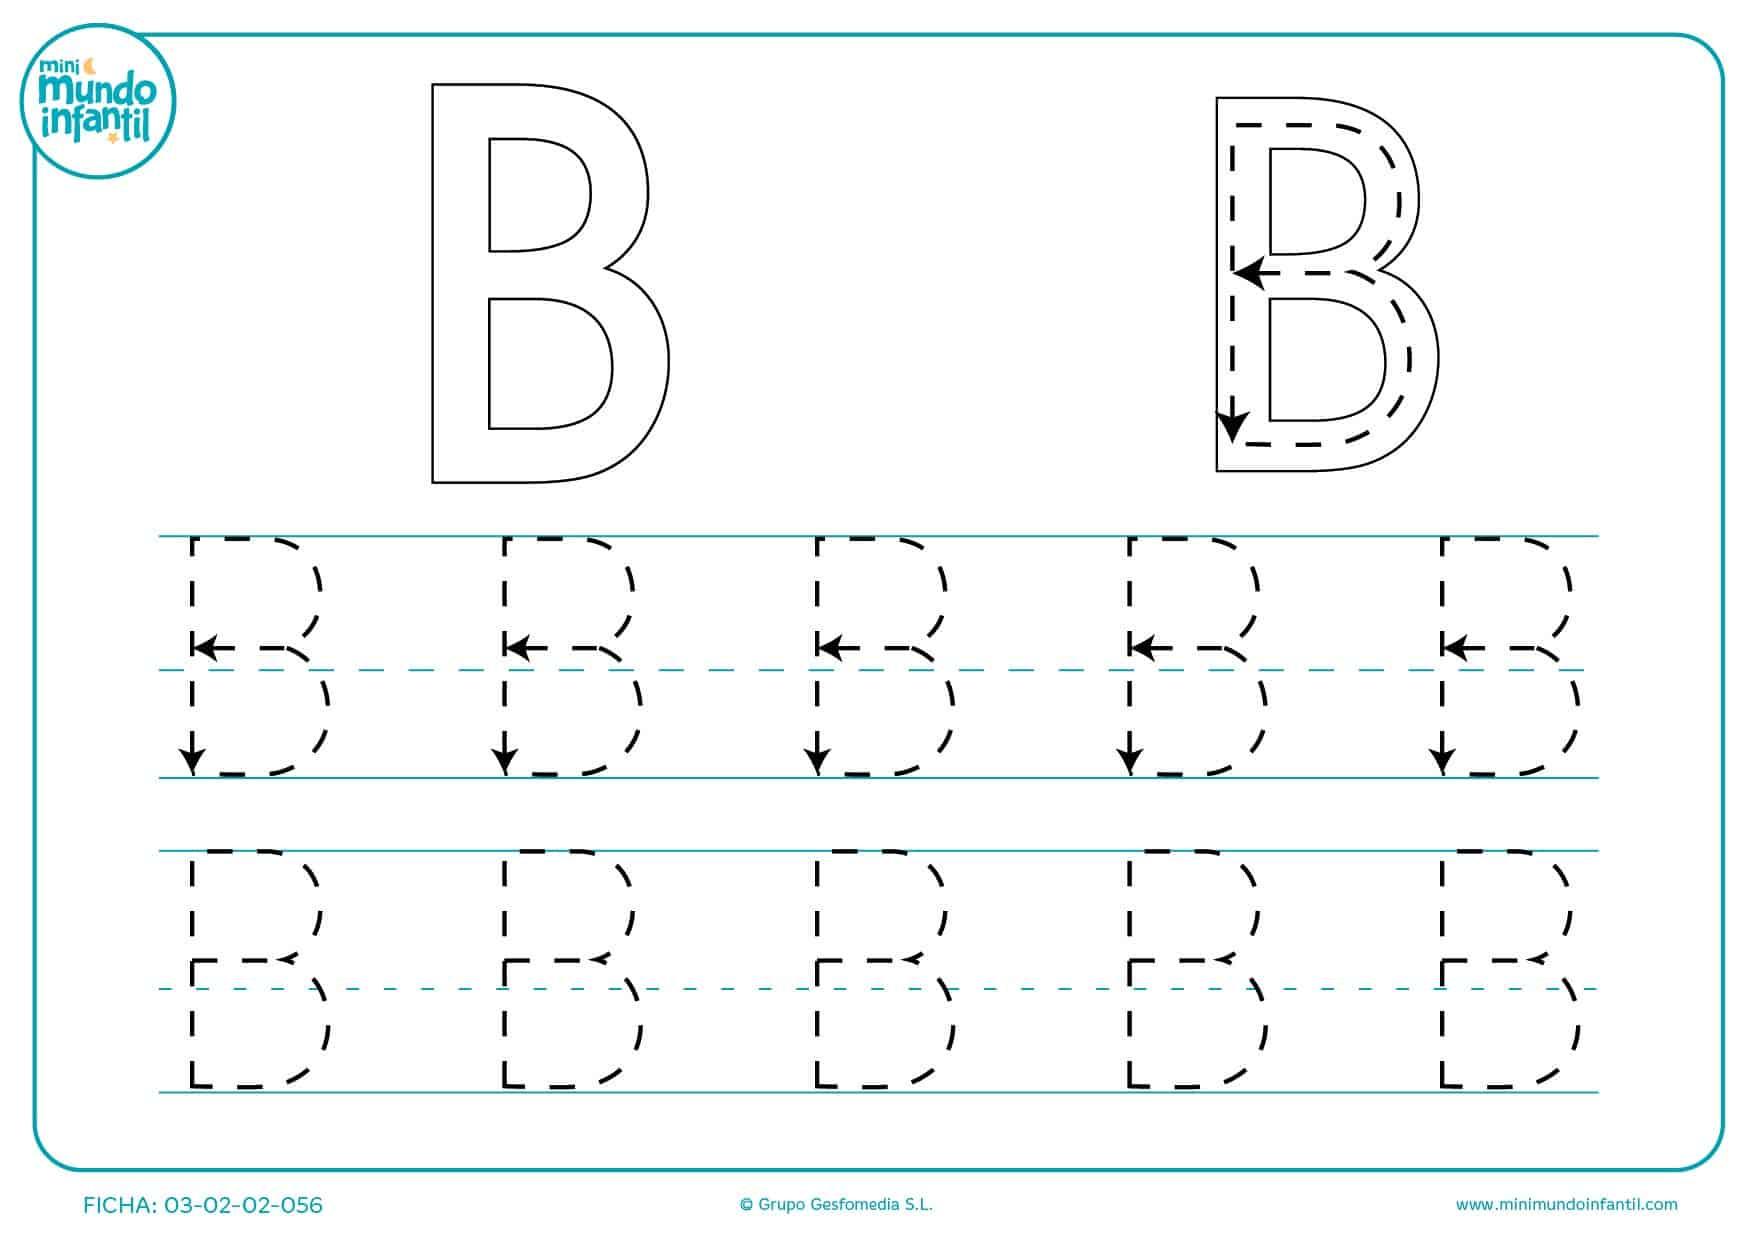 Completar todas las líneas de la letra B para aprenderla